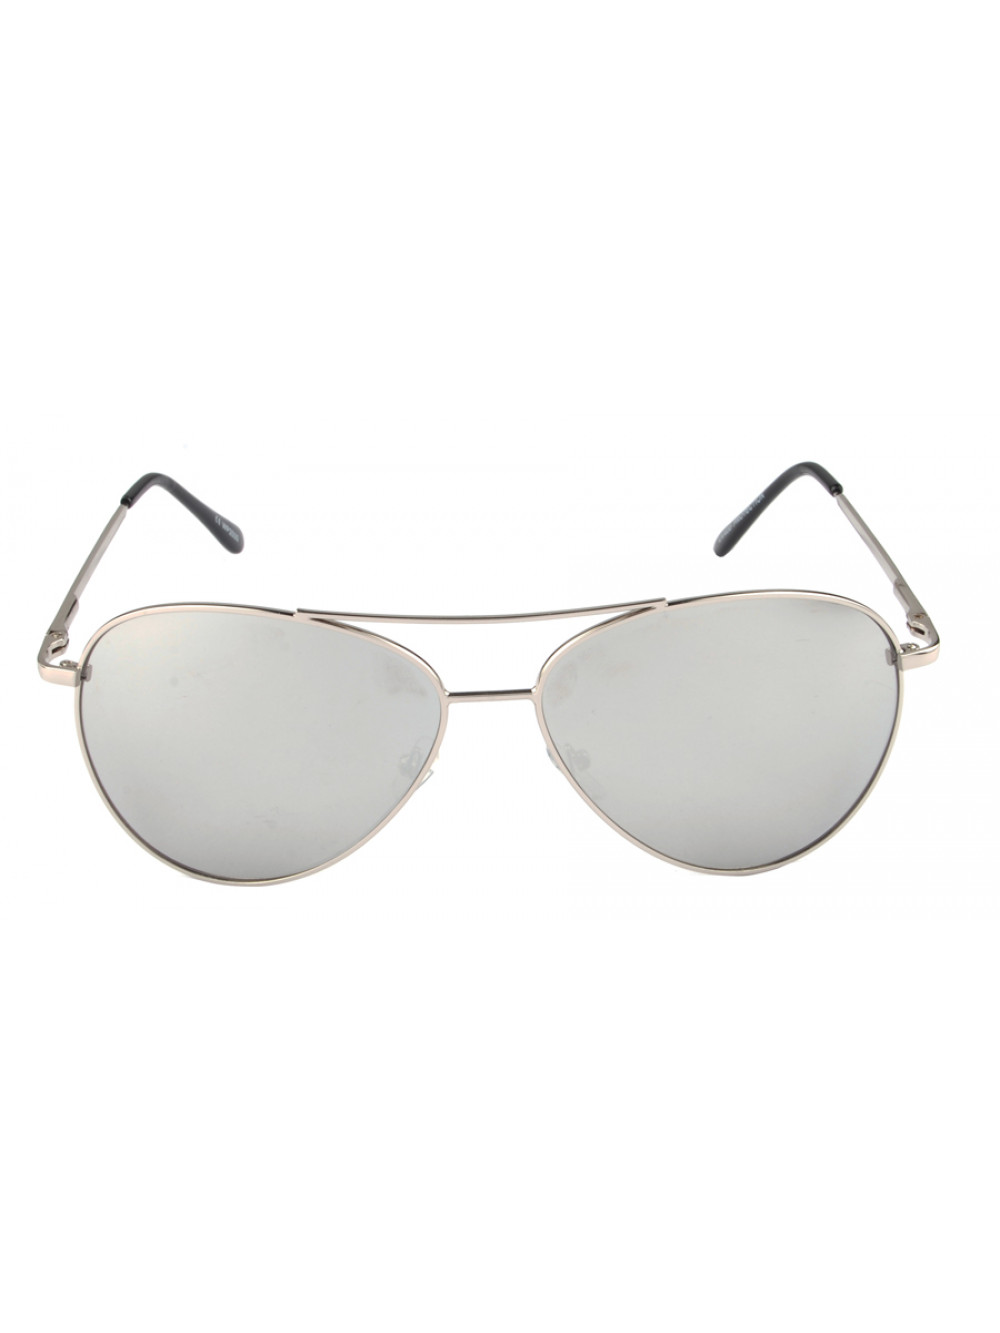 Slnečné okuliare Aviator Pilot Big Steel extra veľké 990858d4bff